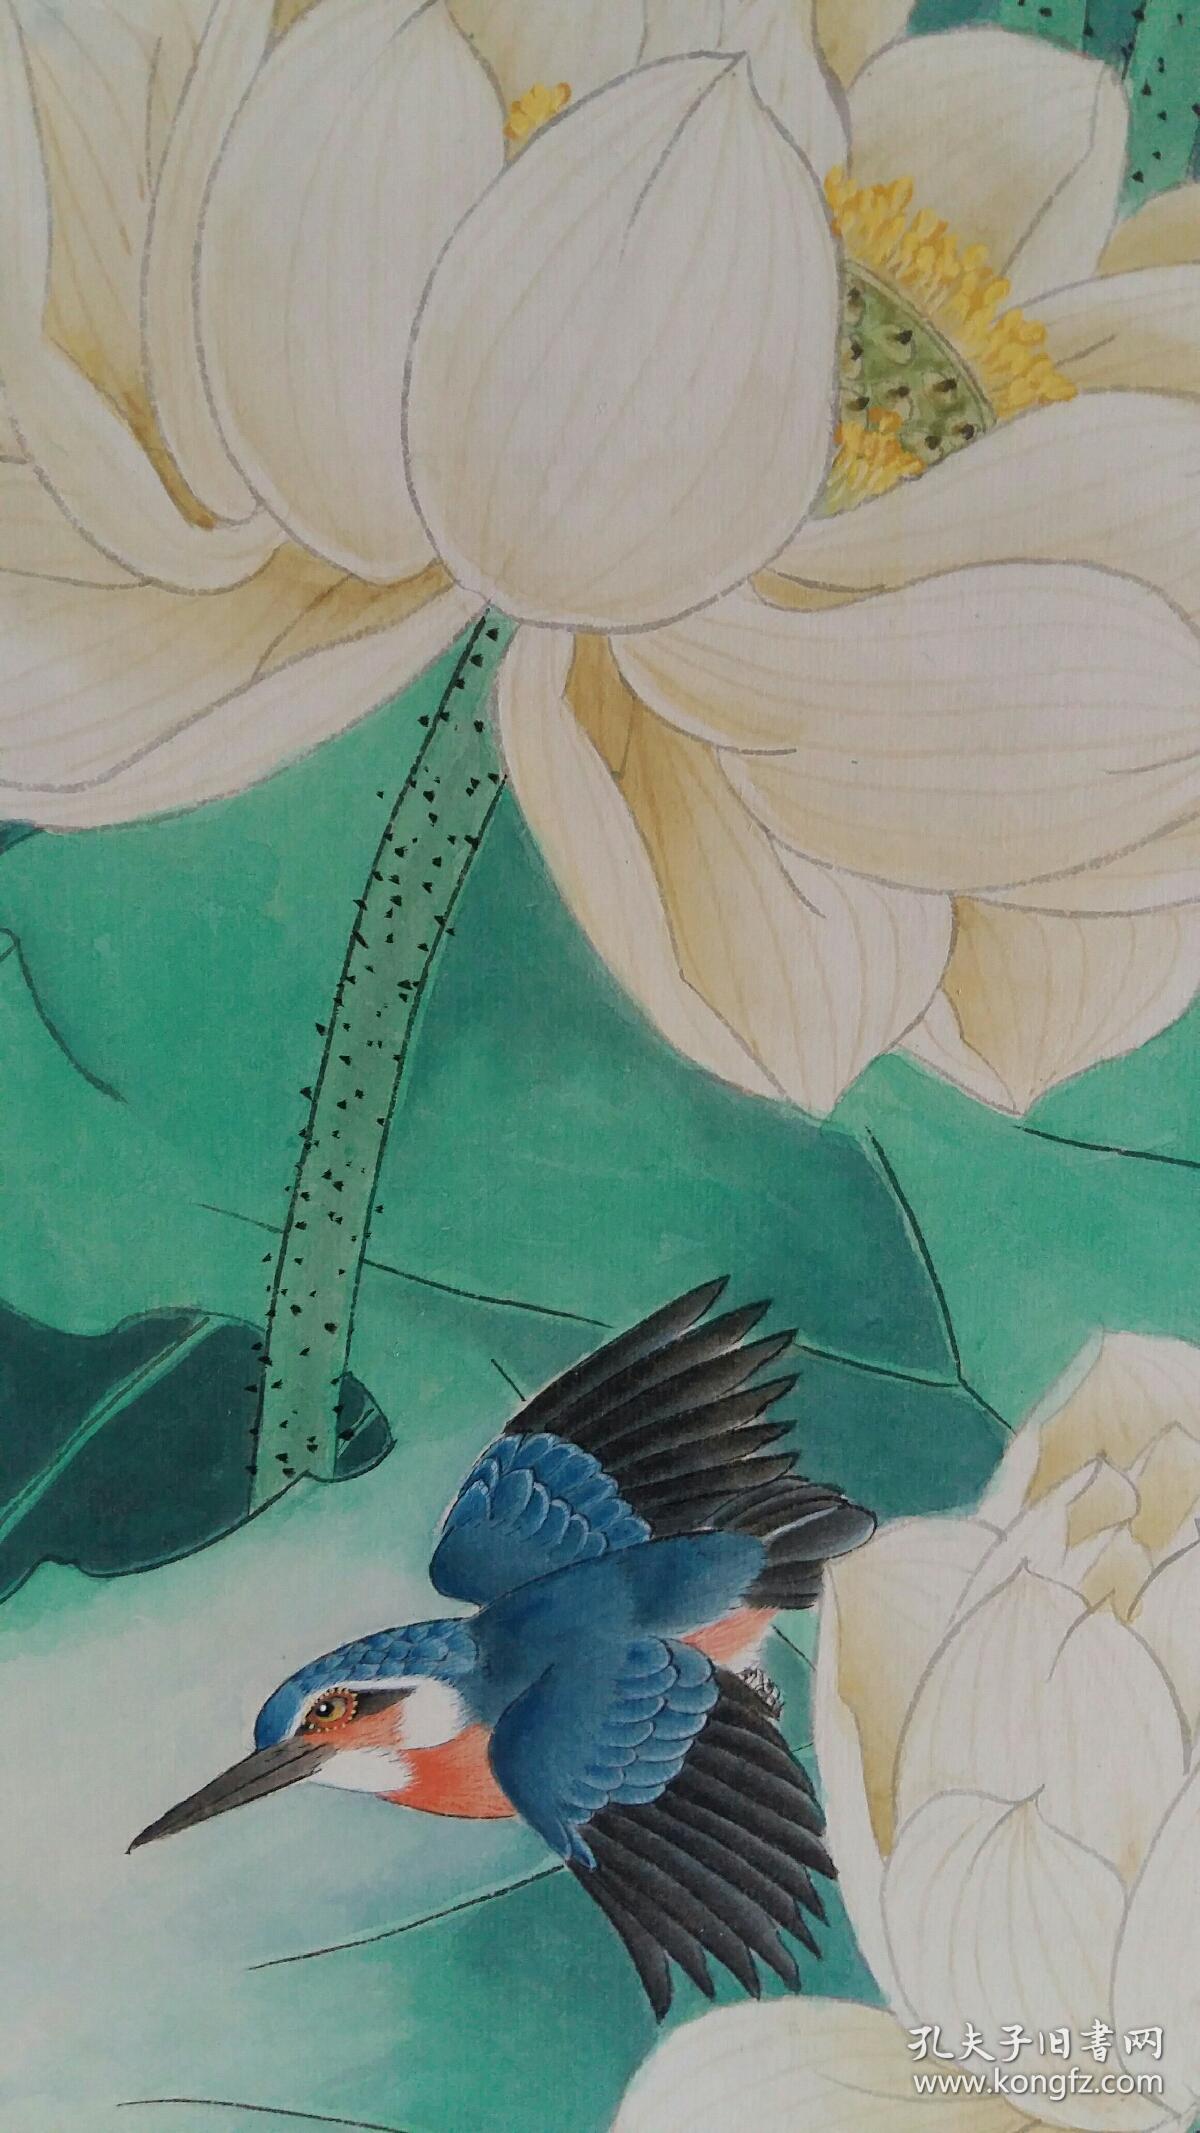 安徽著名老画家……三平尺……工笔花鸟图片